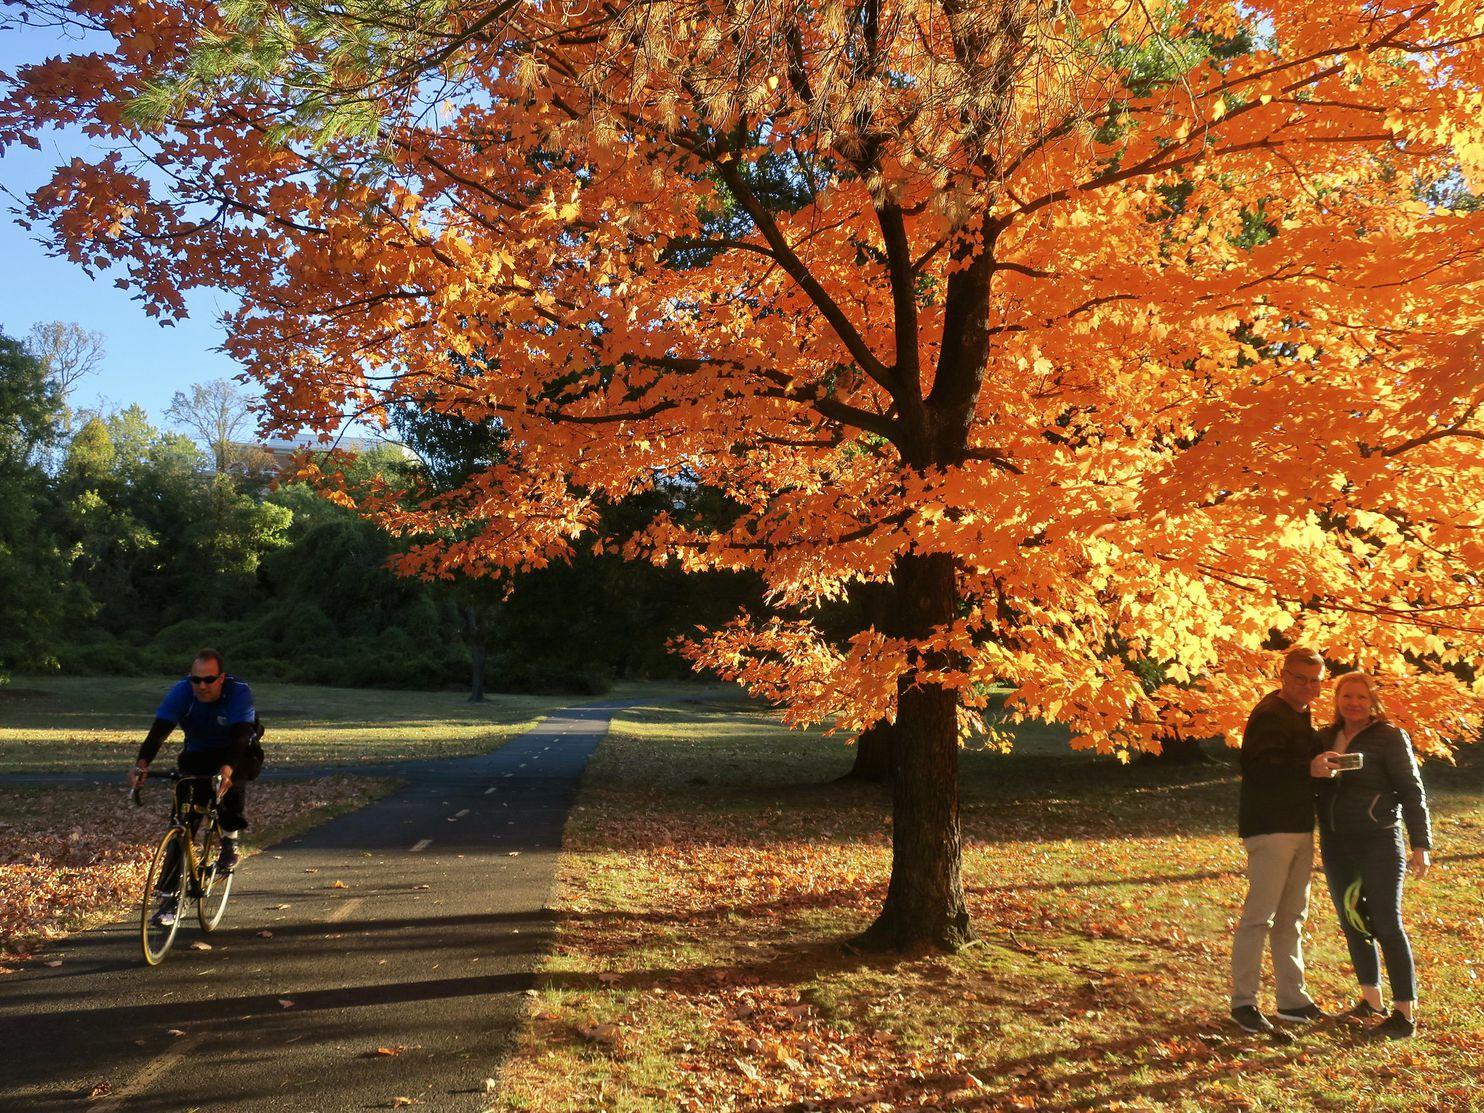 Cây lá vàng mùa thu rất đẹp